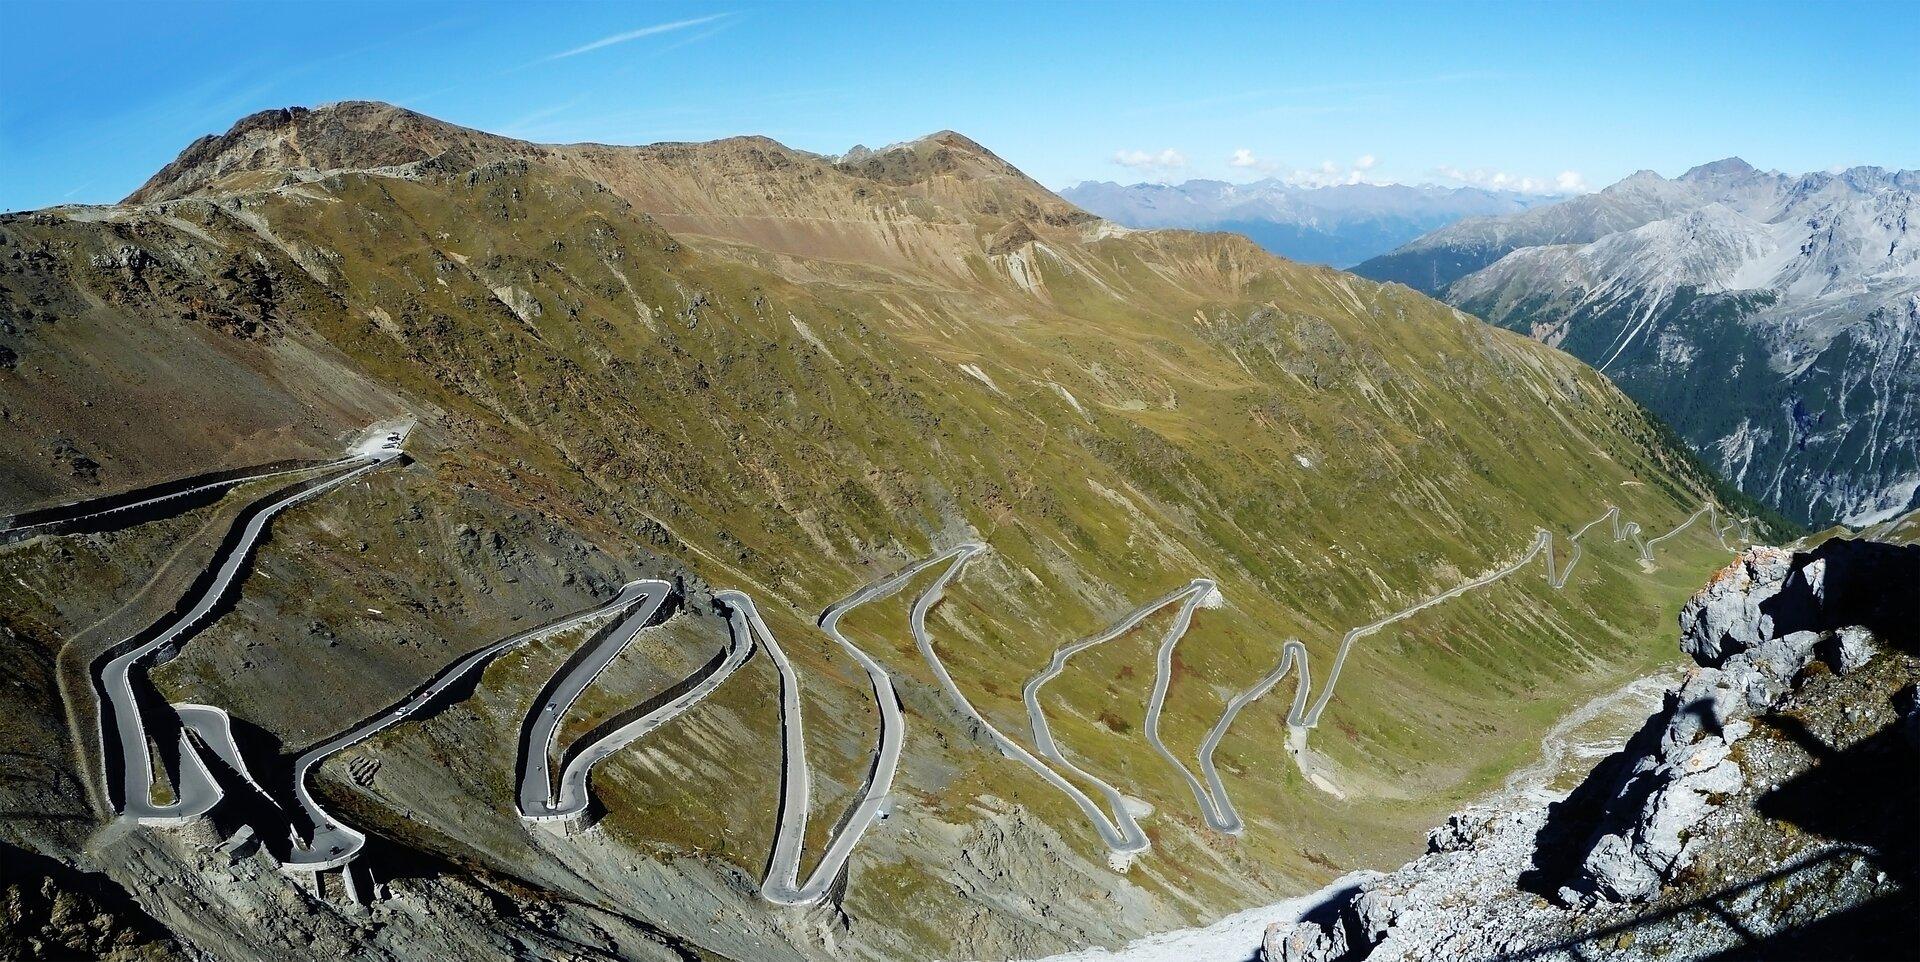 Zdjęcie przedstawia krętą drogę wgórach. Droga staje się tym bardziej kręta, im wyższa wysokość góry.